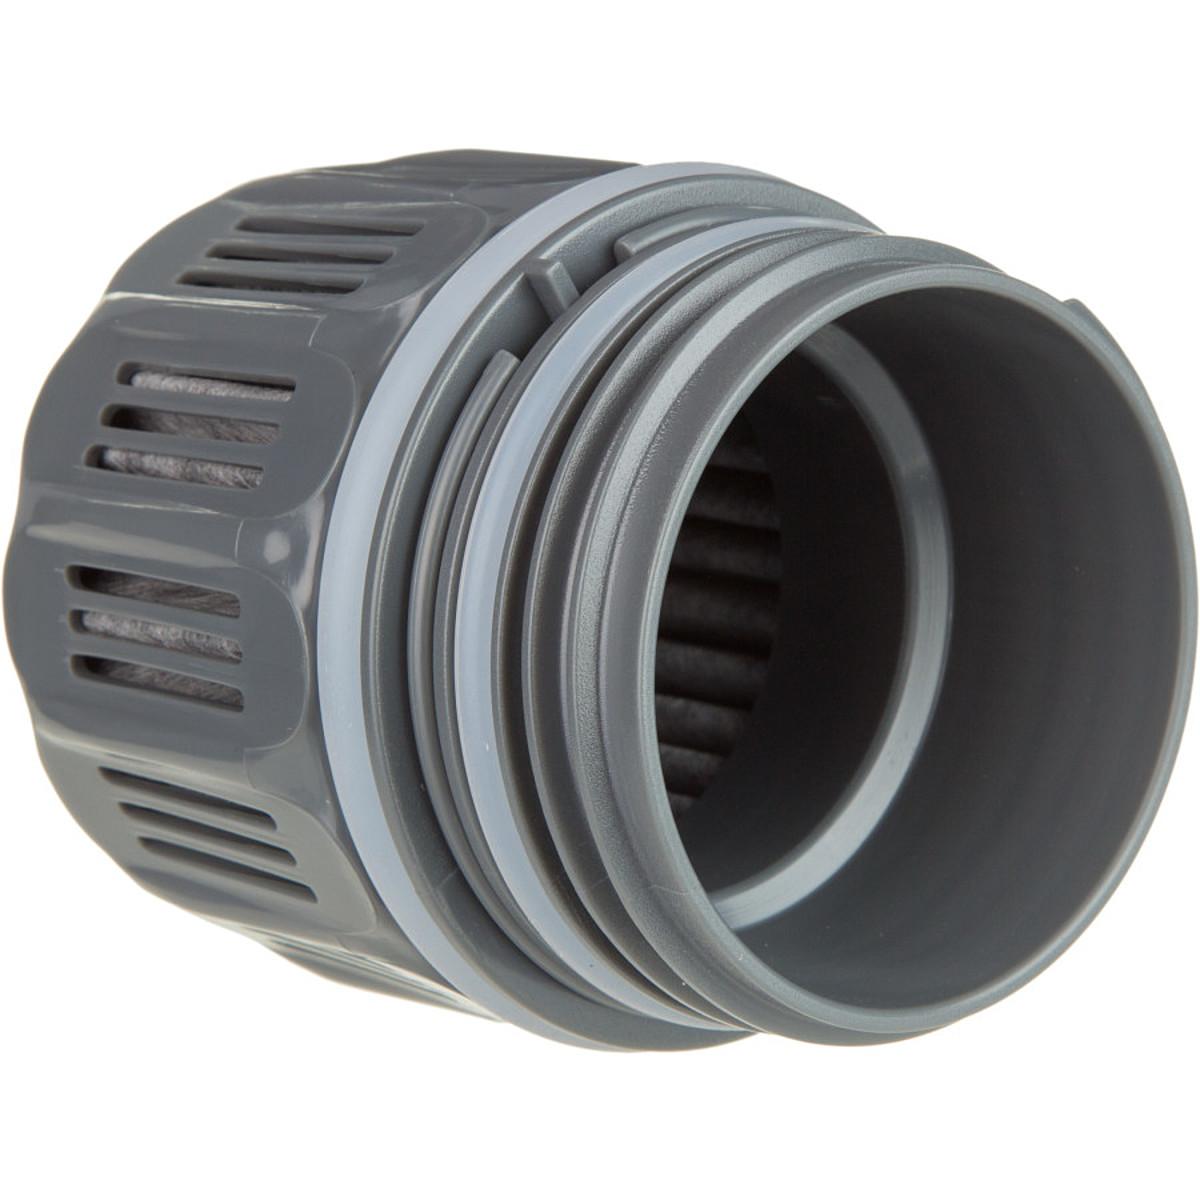 Grayl G3+ Filter